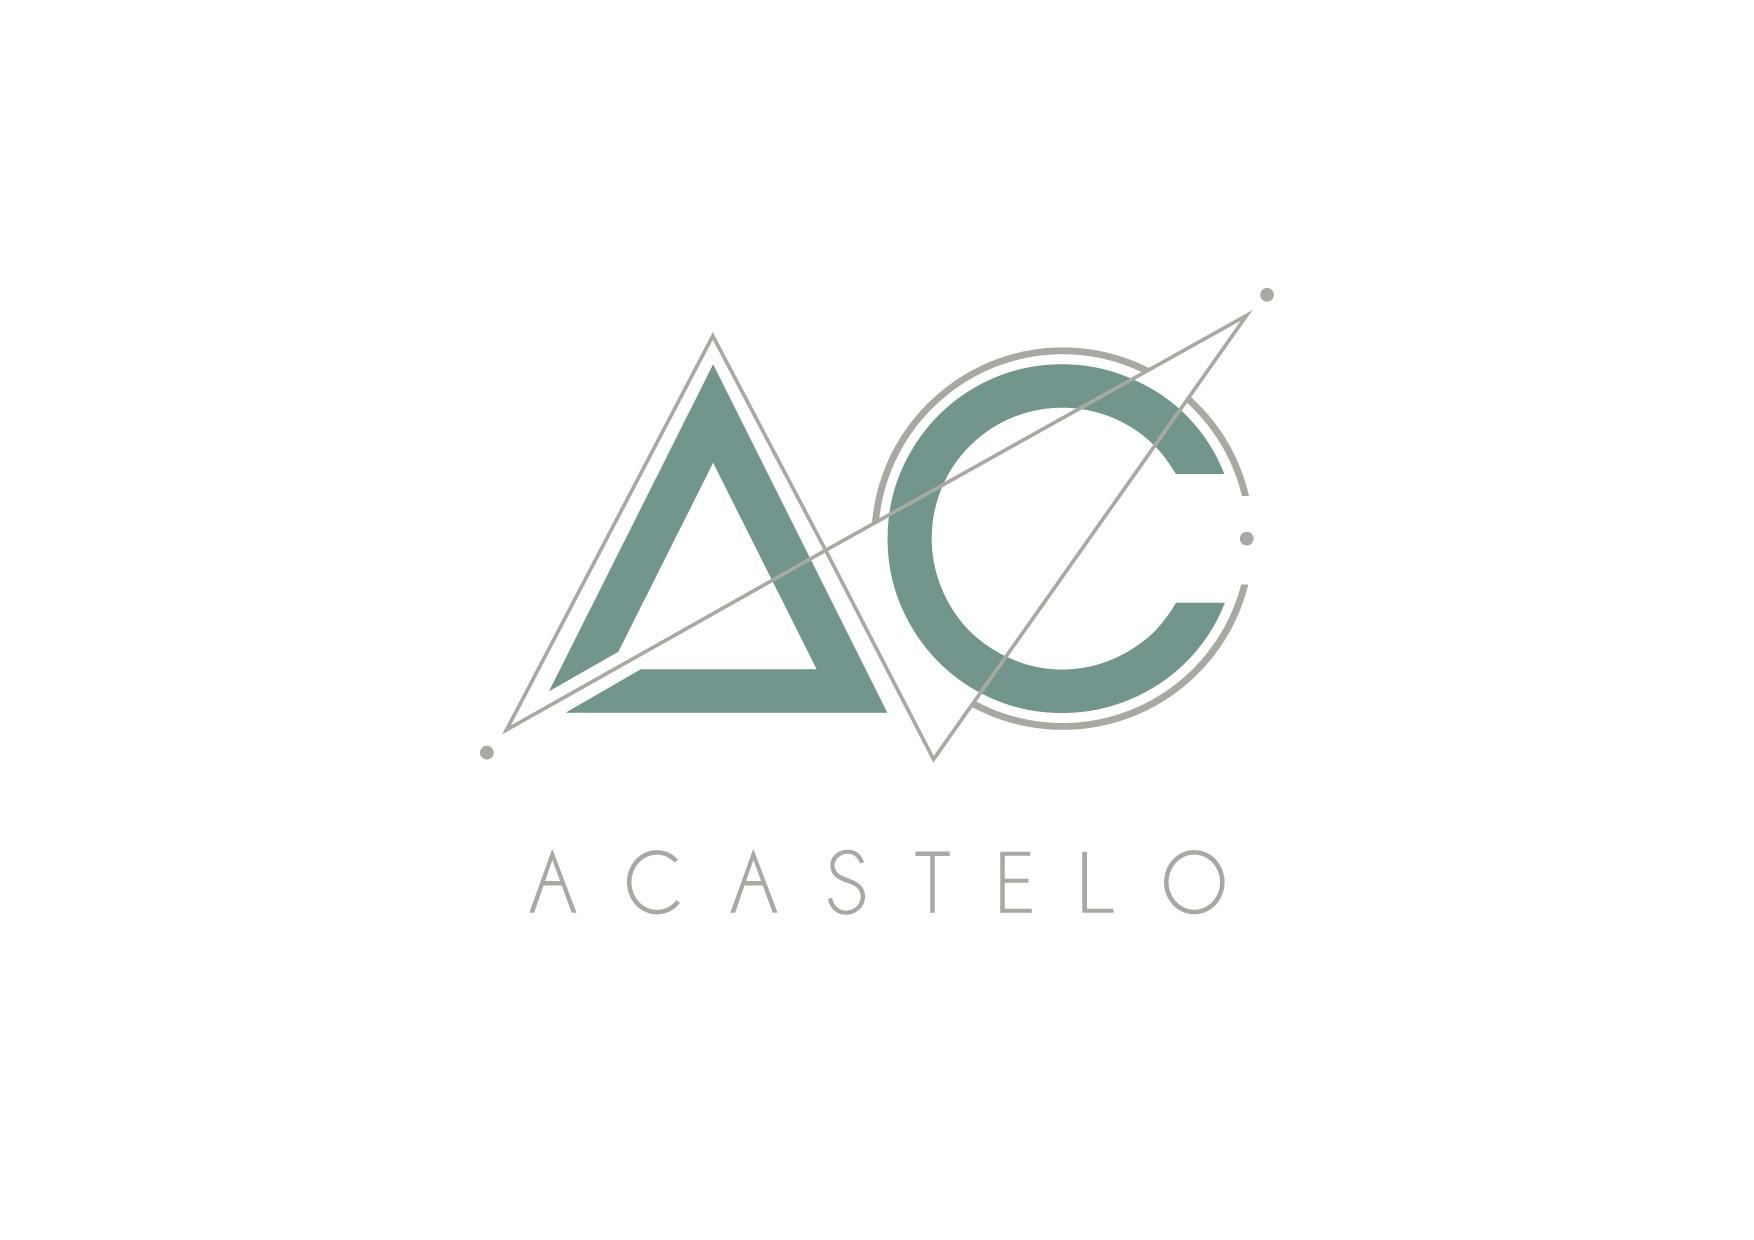 """Logo de A. Castelo con formas geométricas representando una letra """"A"""" y una """"C"""""""